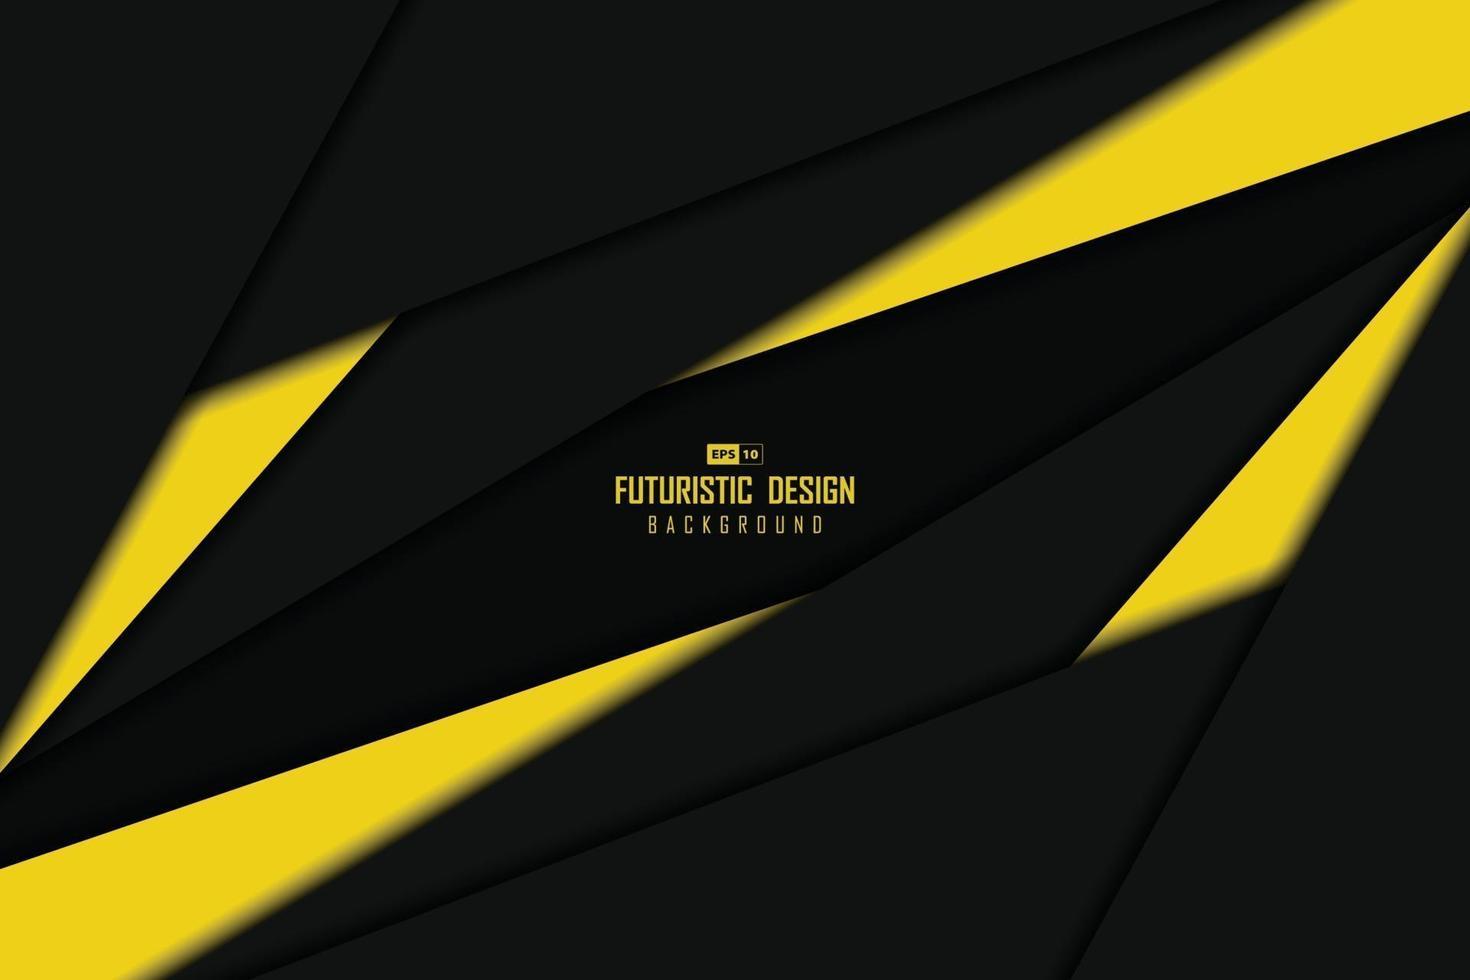 abstract zwart en geel tech-overlappingsontwerp van de achtergrond van het centrumsjabloon. illustratie vector eps10